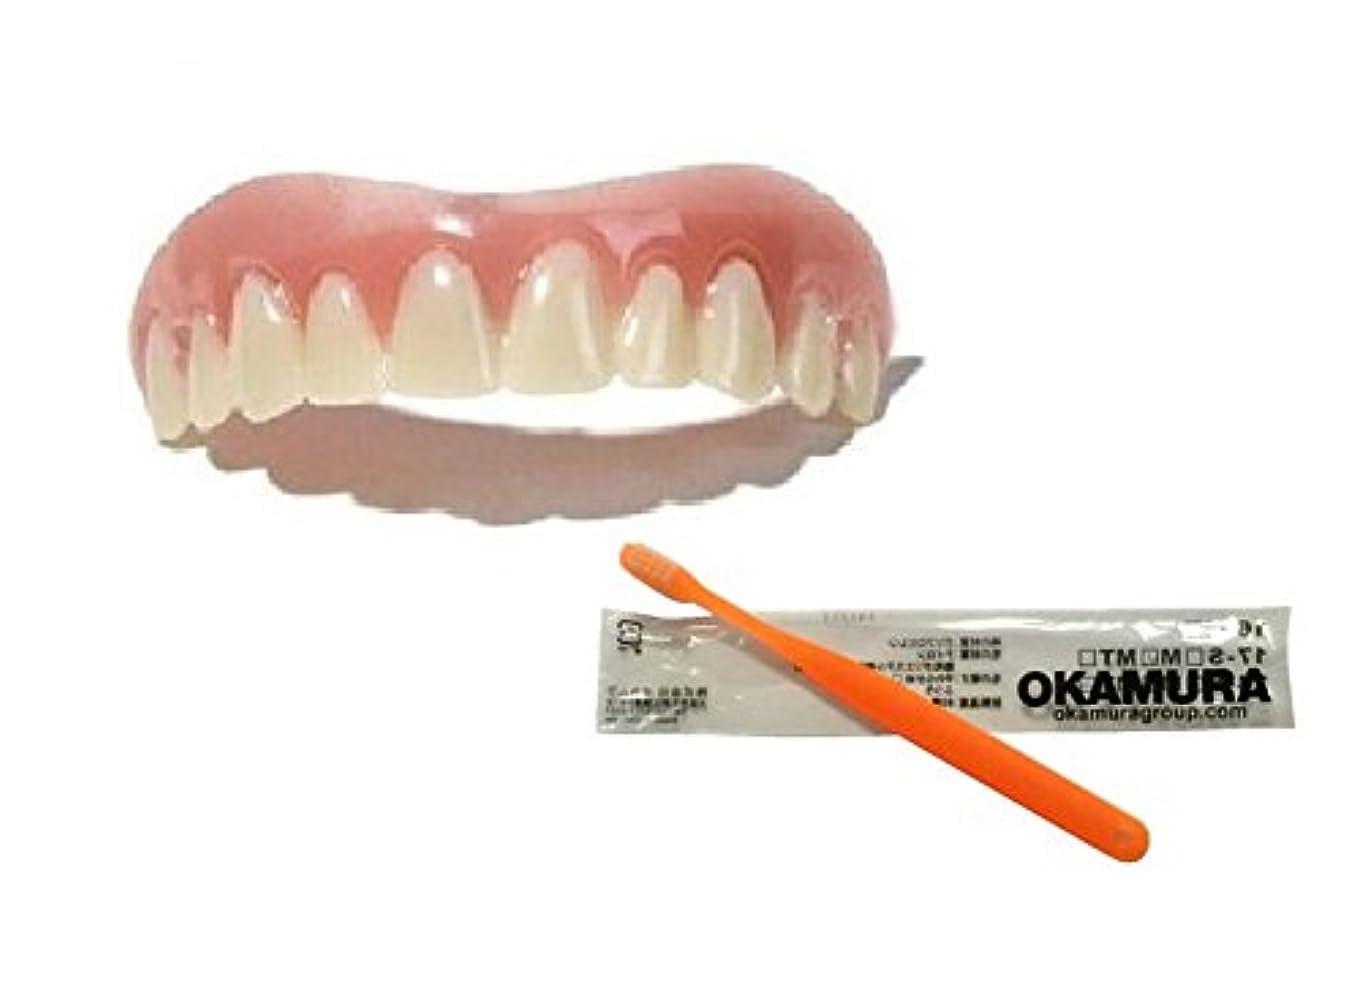 バルコニー職人署名インスタントスマイル 上歯用 Sサイズ + OKAMURA 歯科医推奨歯ブラシ 限定セット